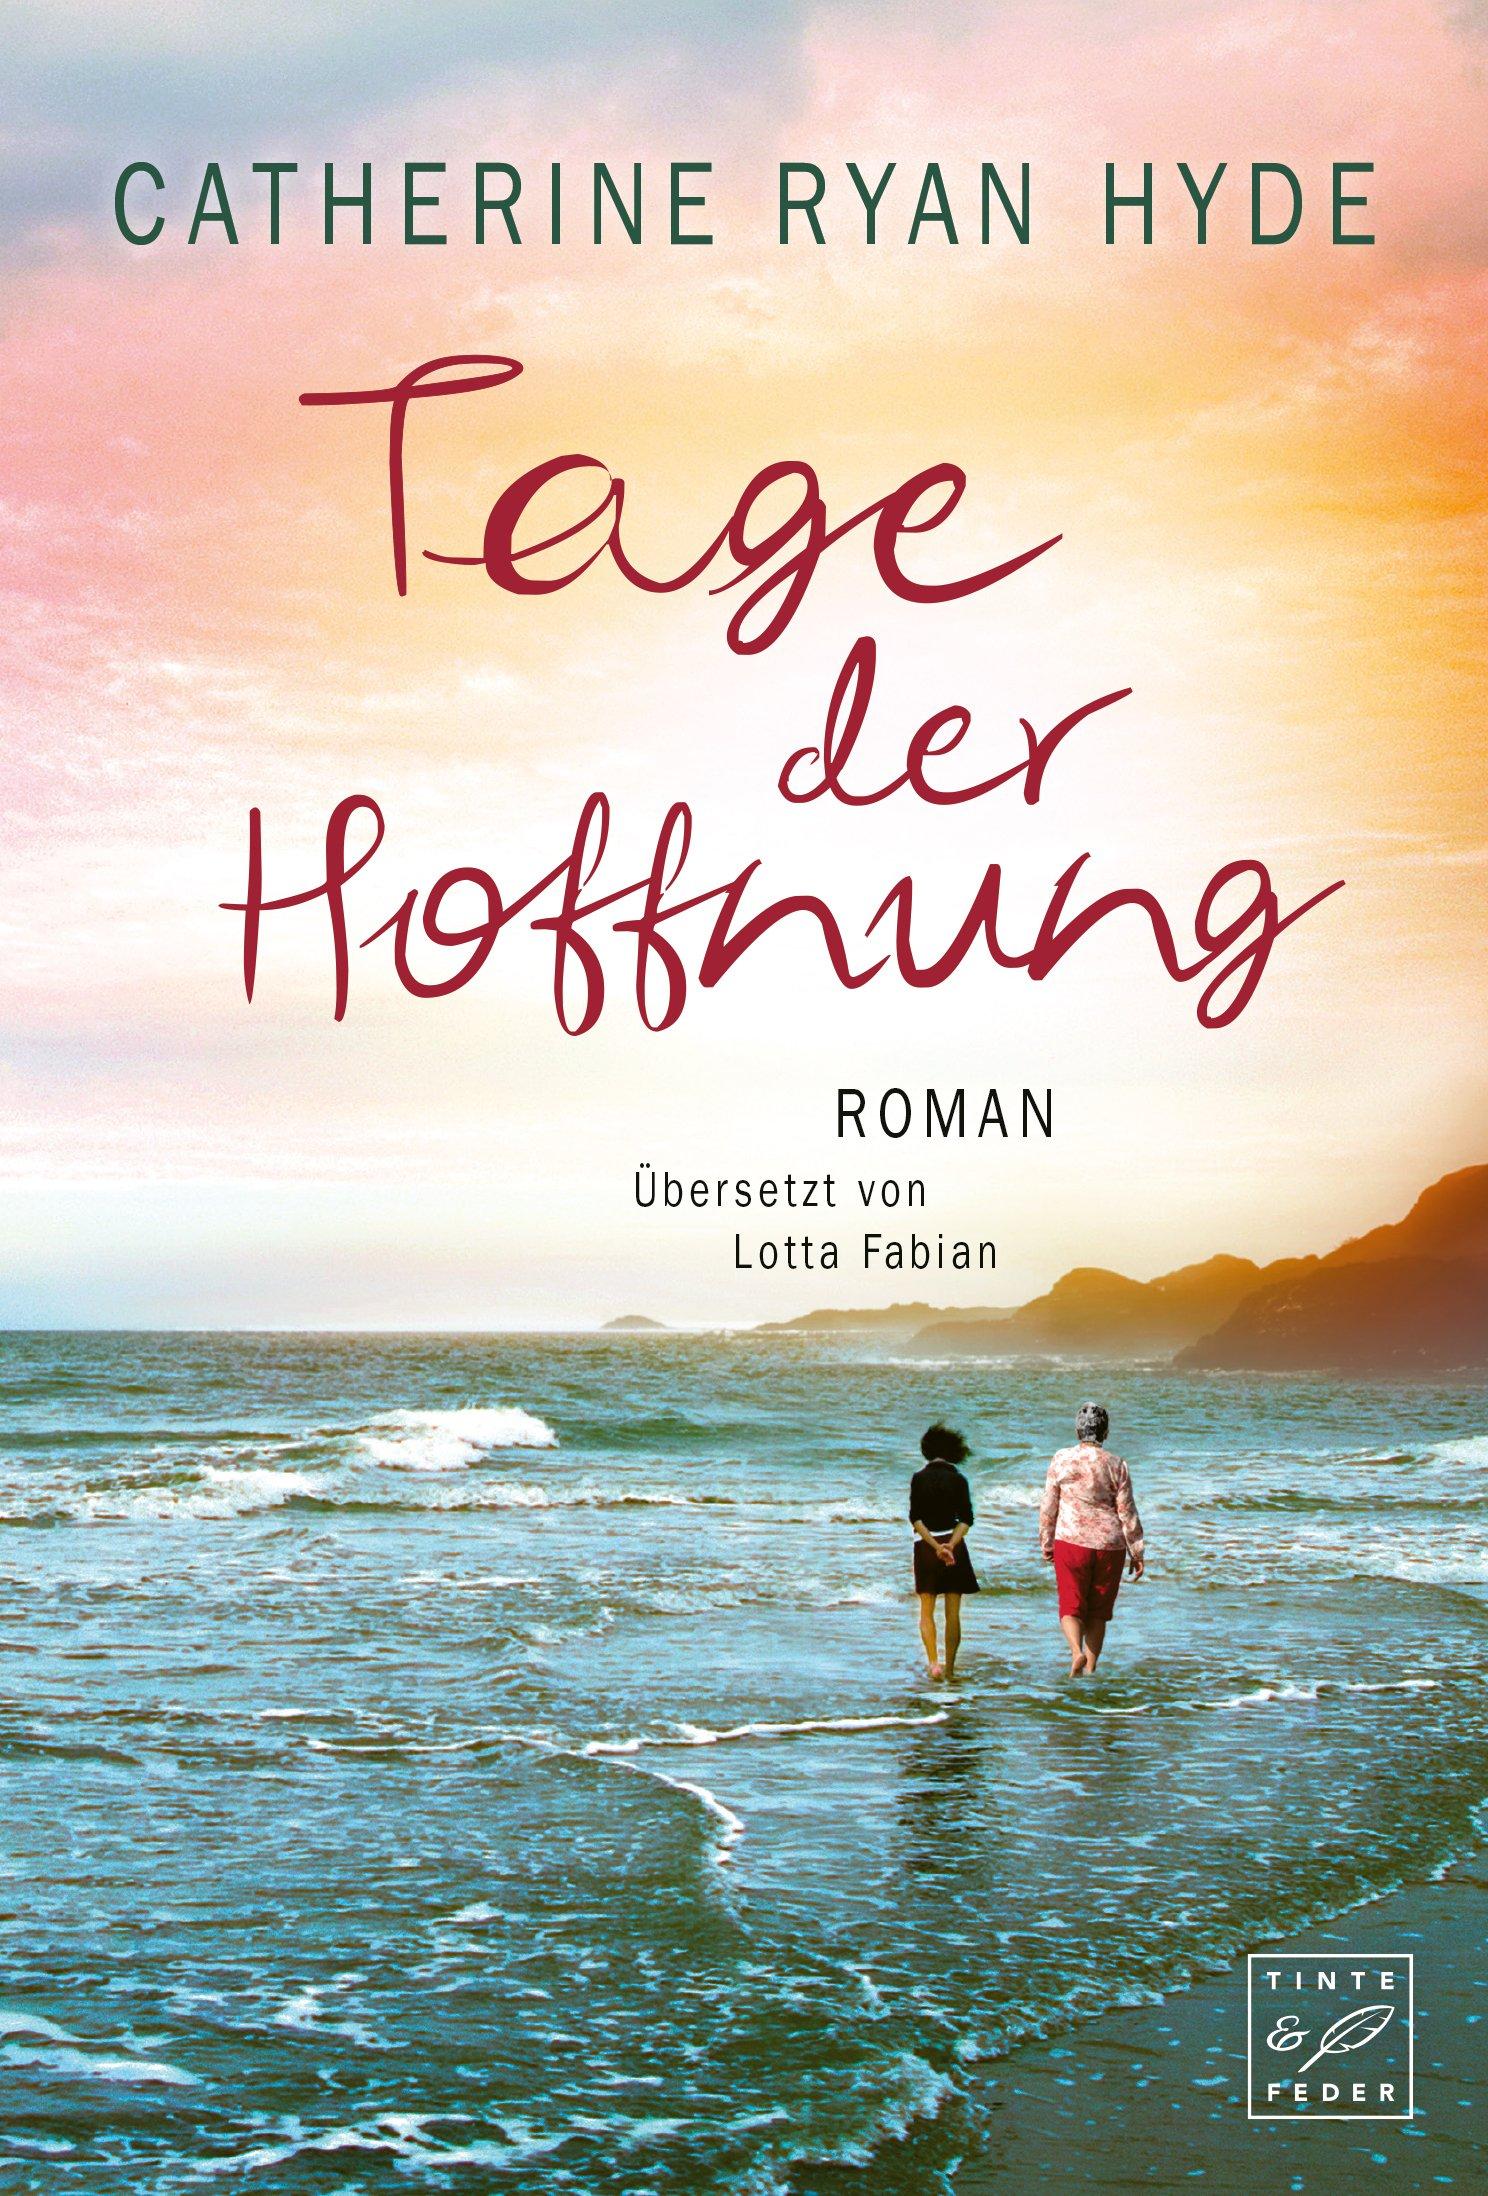 Tage der Hoffnung (German Edition)